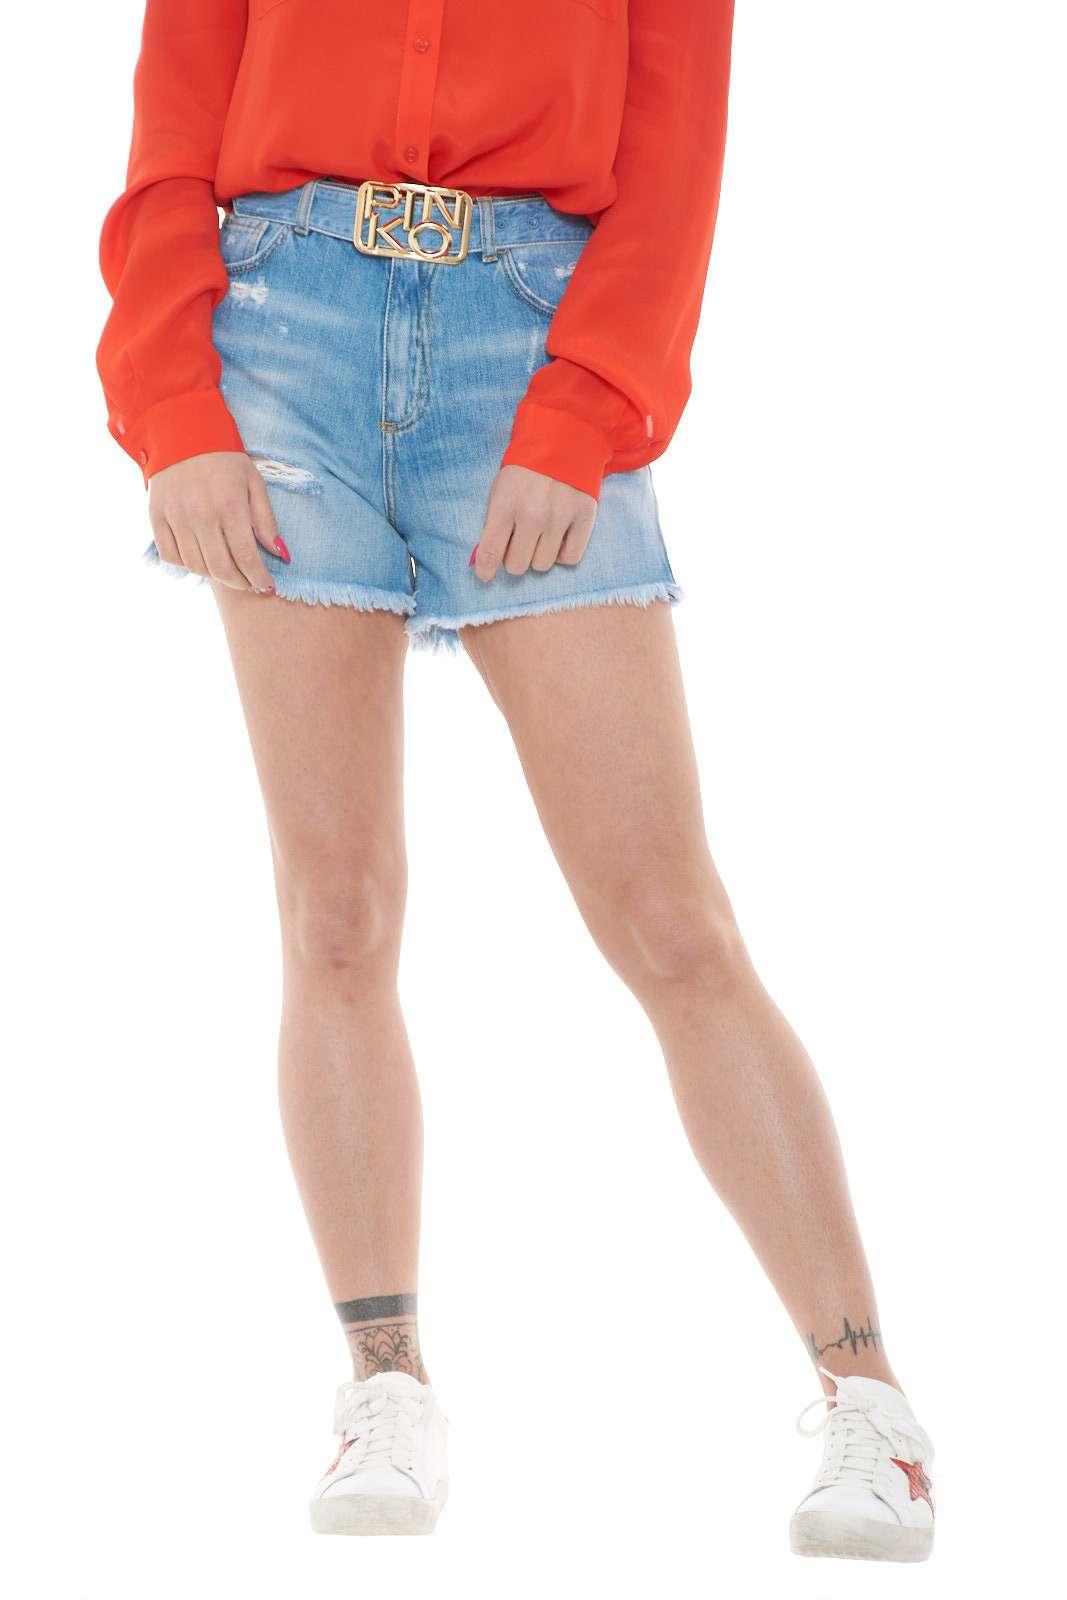 Lasciati conquistare dsgli short proposti per la collezione donna primavera estate di Pinko. Il modello Brooklyn si impone come capo casual per eccellenza con il suo lavaggio medio e i dettagli strappati. Perfetti con top e sneakers o con blusa e stivali per ottenere look sempre unici.